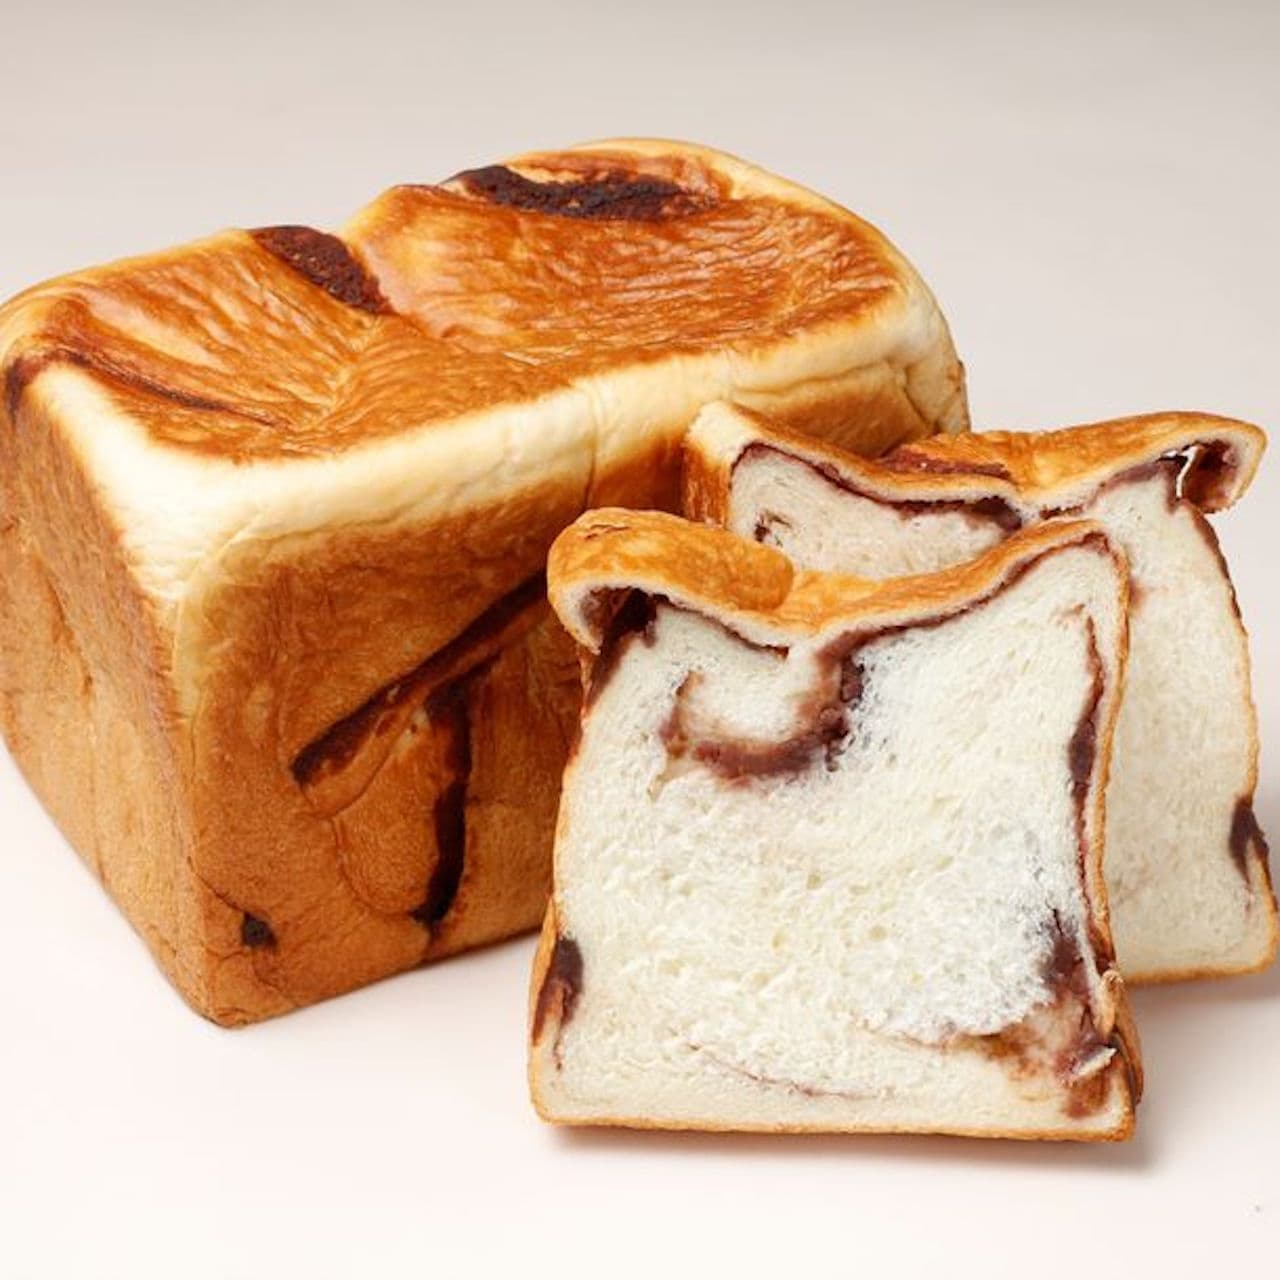 「告白はママから」に新作あん食パン「あのこの初恋」